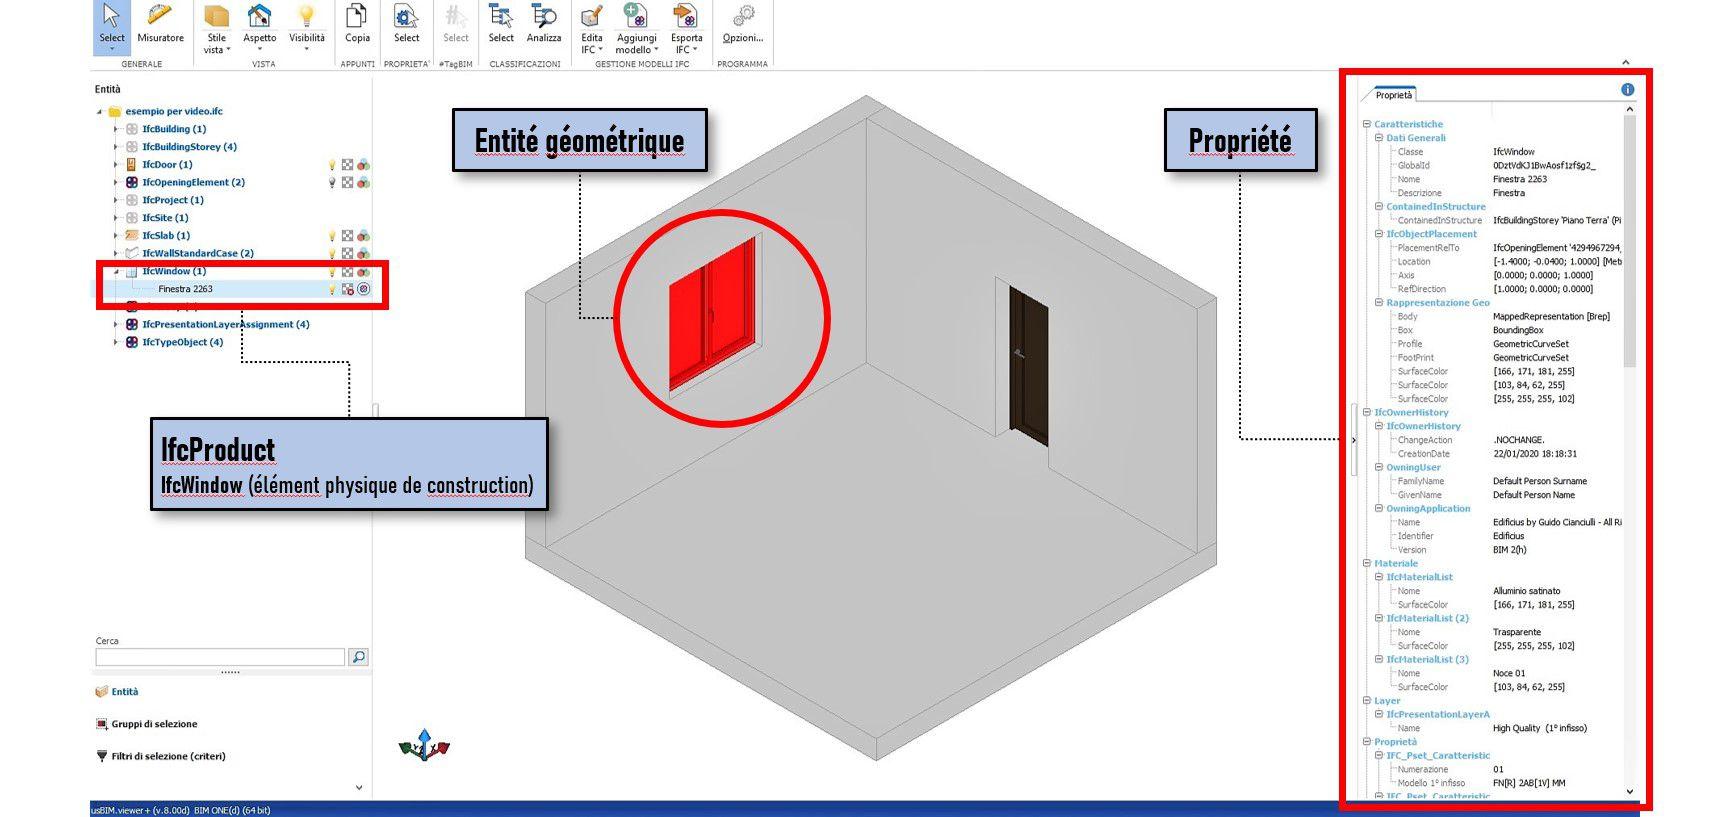 Logiciel usBIM.viewer+ | Localisation d'un IfcObject (IfcWindow) et de ses propriétés